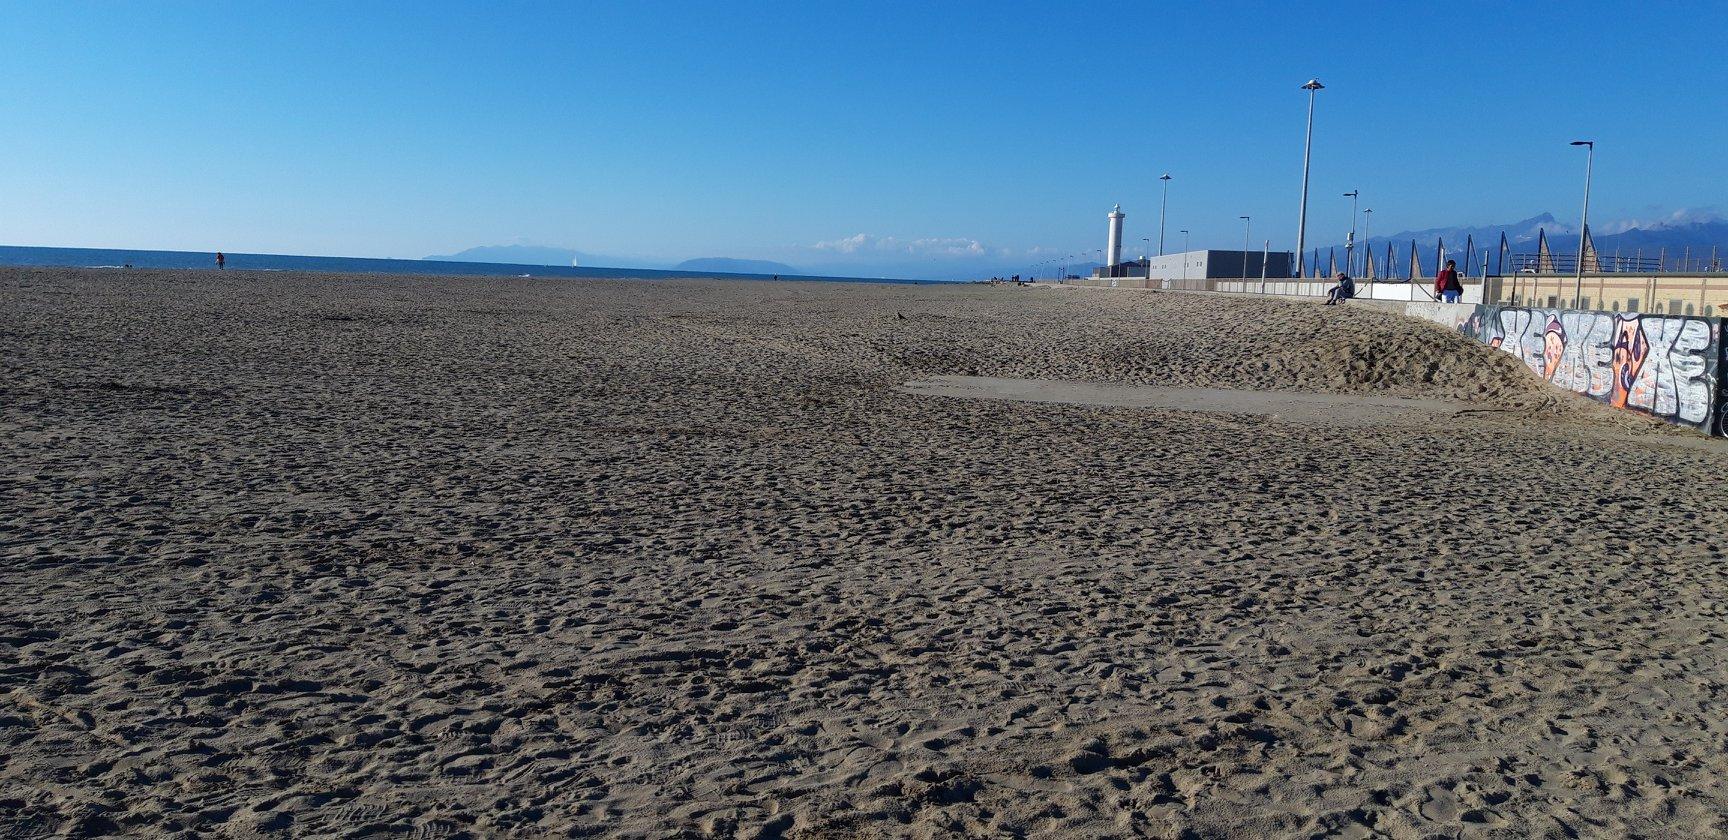 Spiagge: Saremo pronti ad aprire il 1 giugno, questo il messaggio che i sindaci del G20s, Viareggio in testa, hanno mandato al Governo